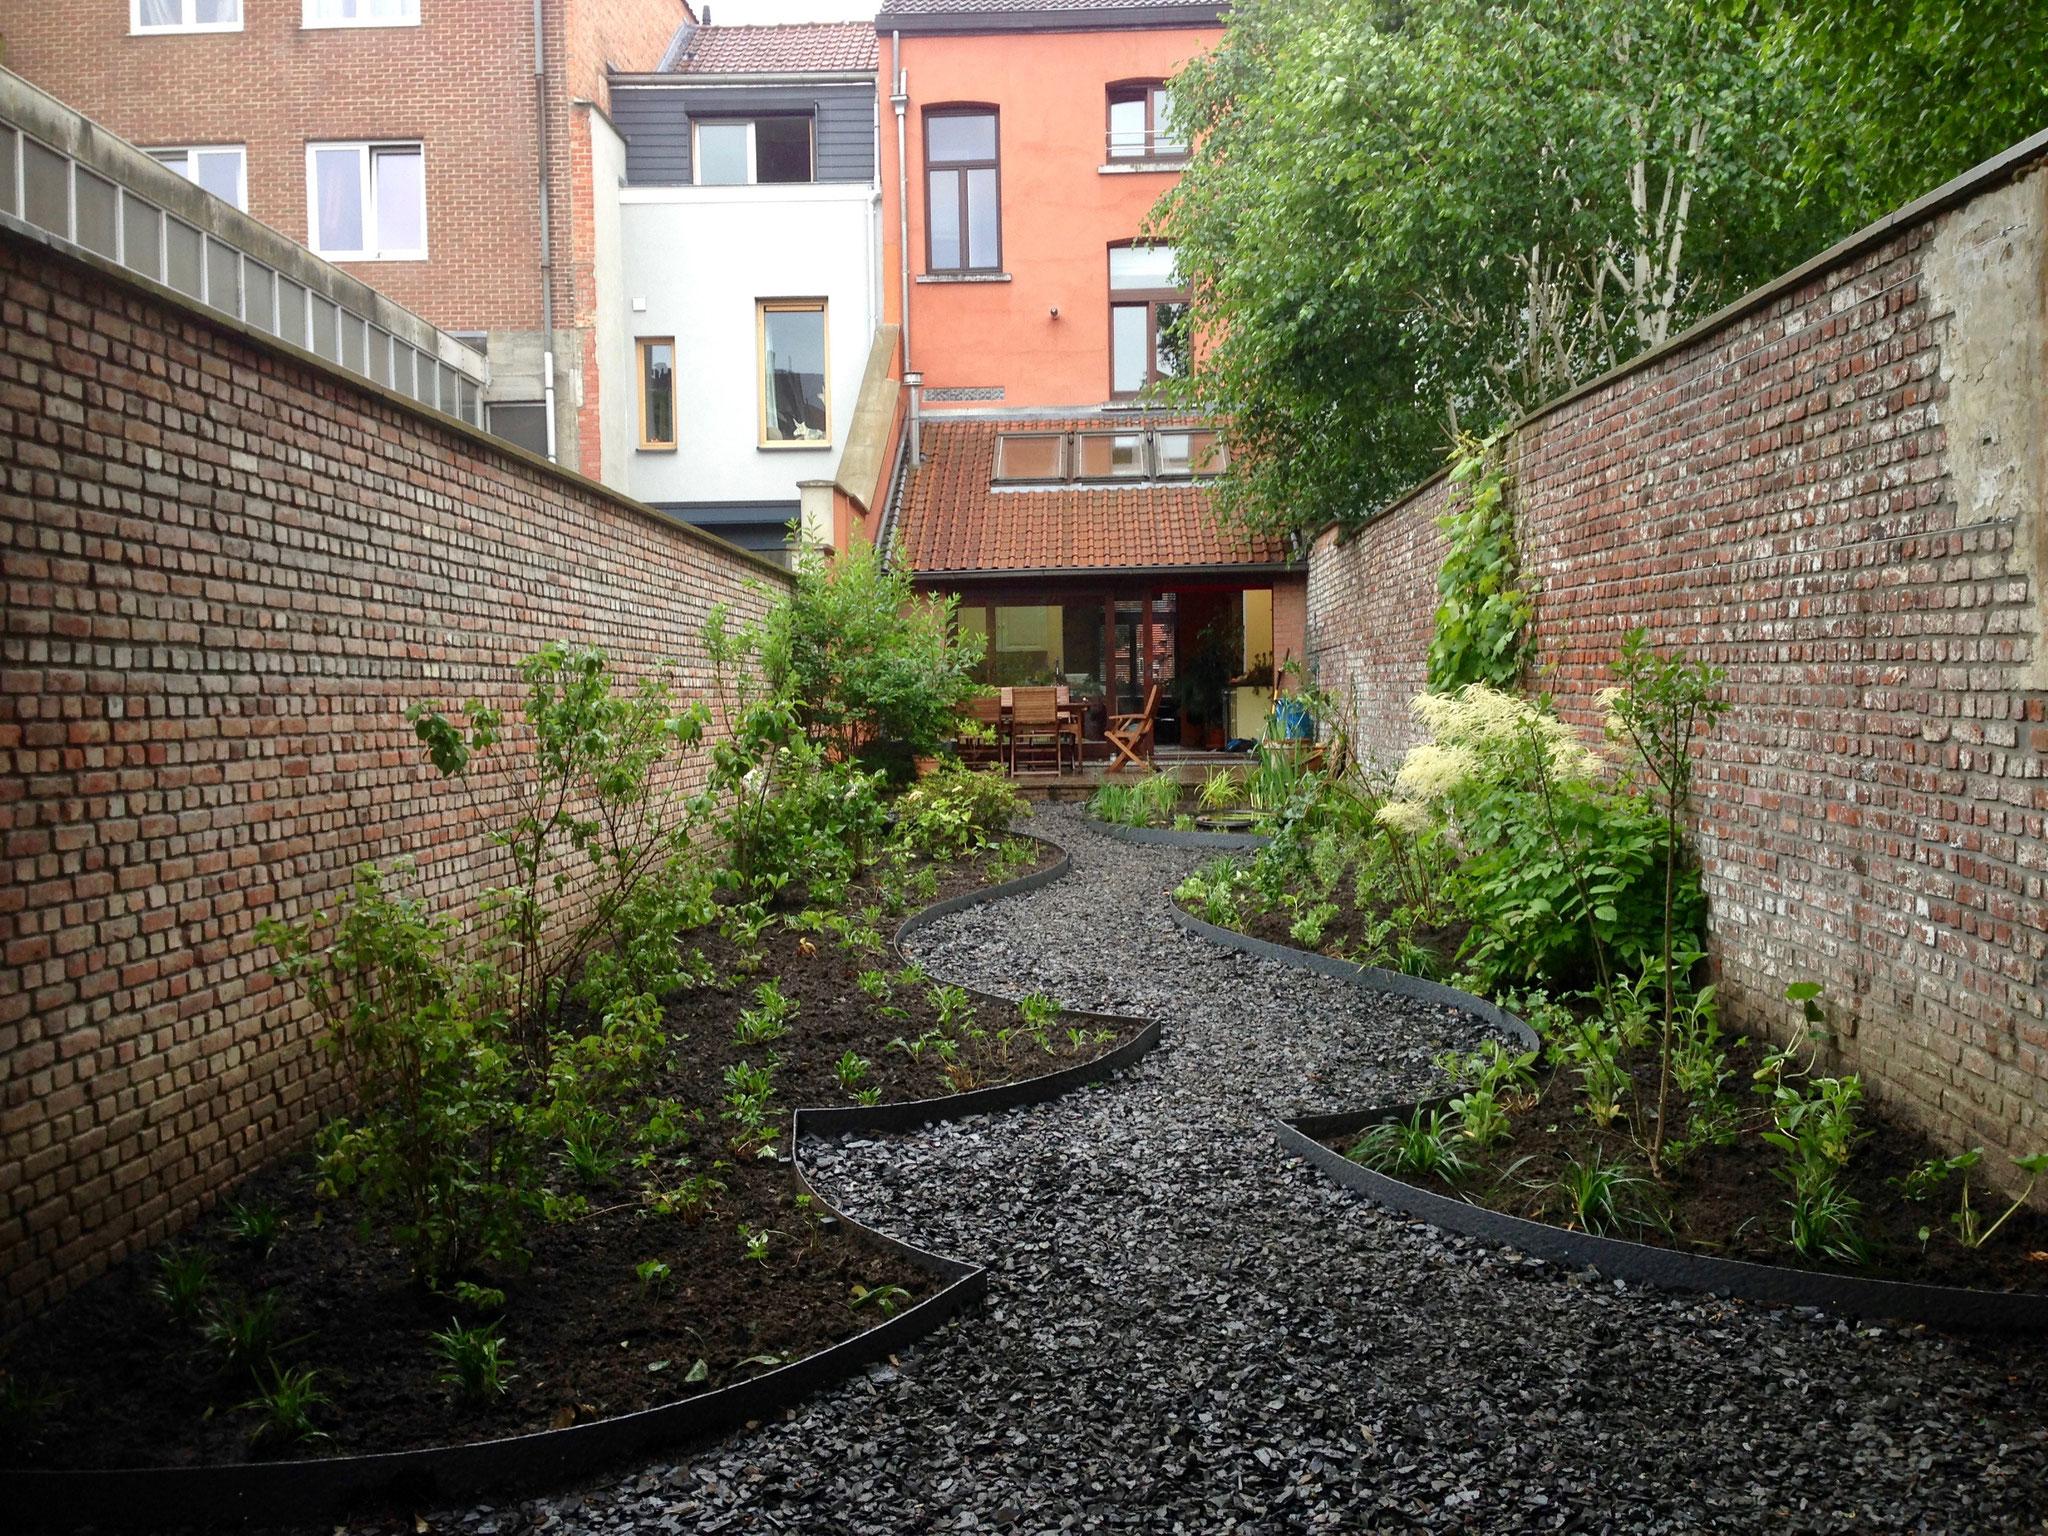 Jardin de ville 120m2 - Après plantations - Vue depuis le fond du jardin - Soleil du soir sous le noisetier. Amenagement jardin Bruxelles